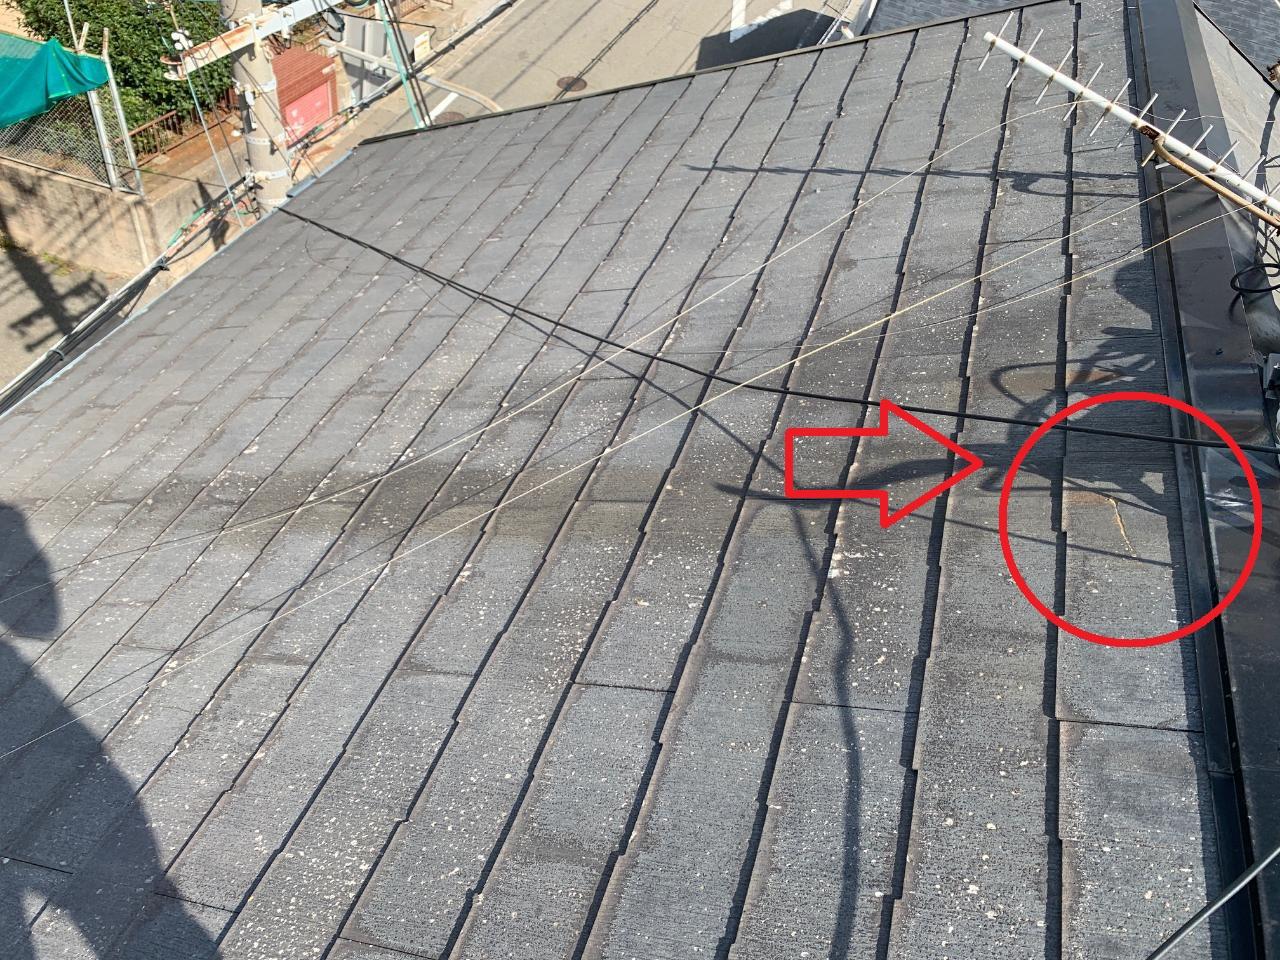 台風により屋根上のアンテナが倒壊してスレート屋根がひび割れている様子